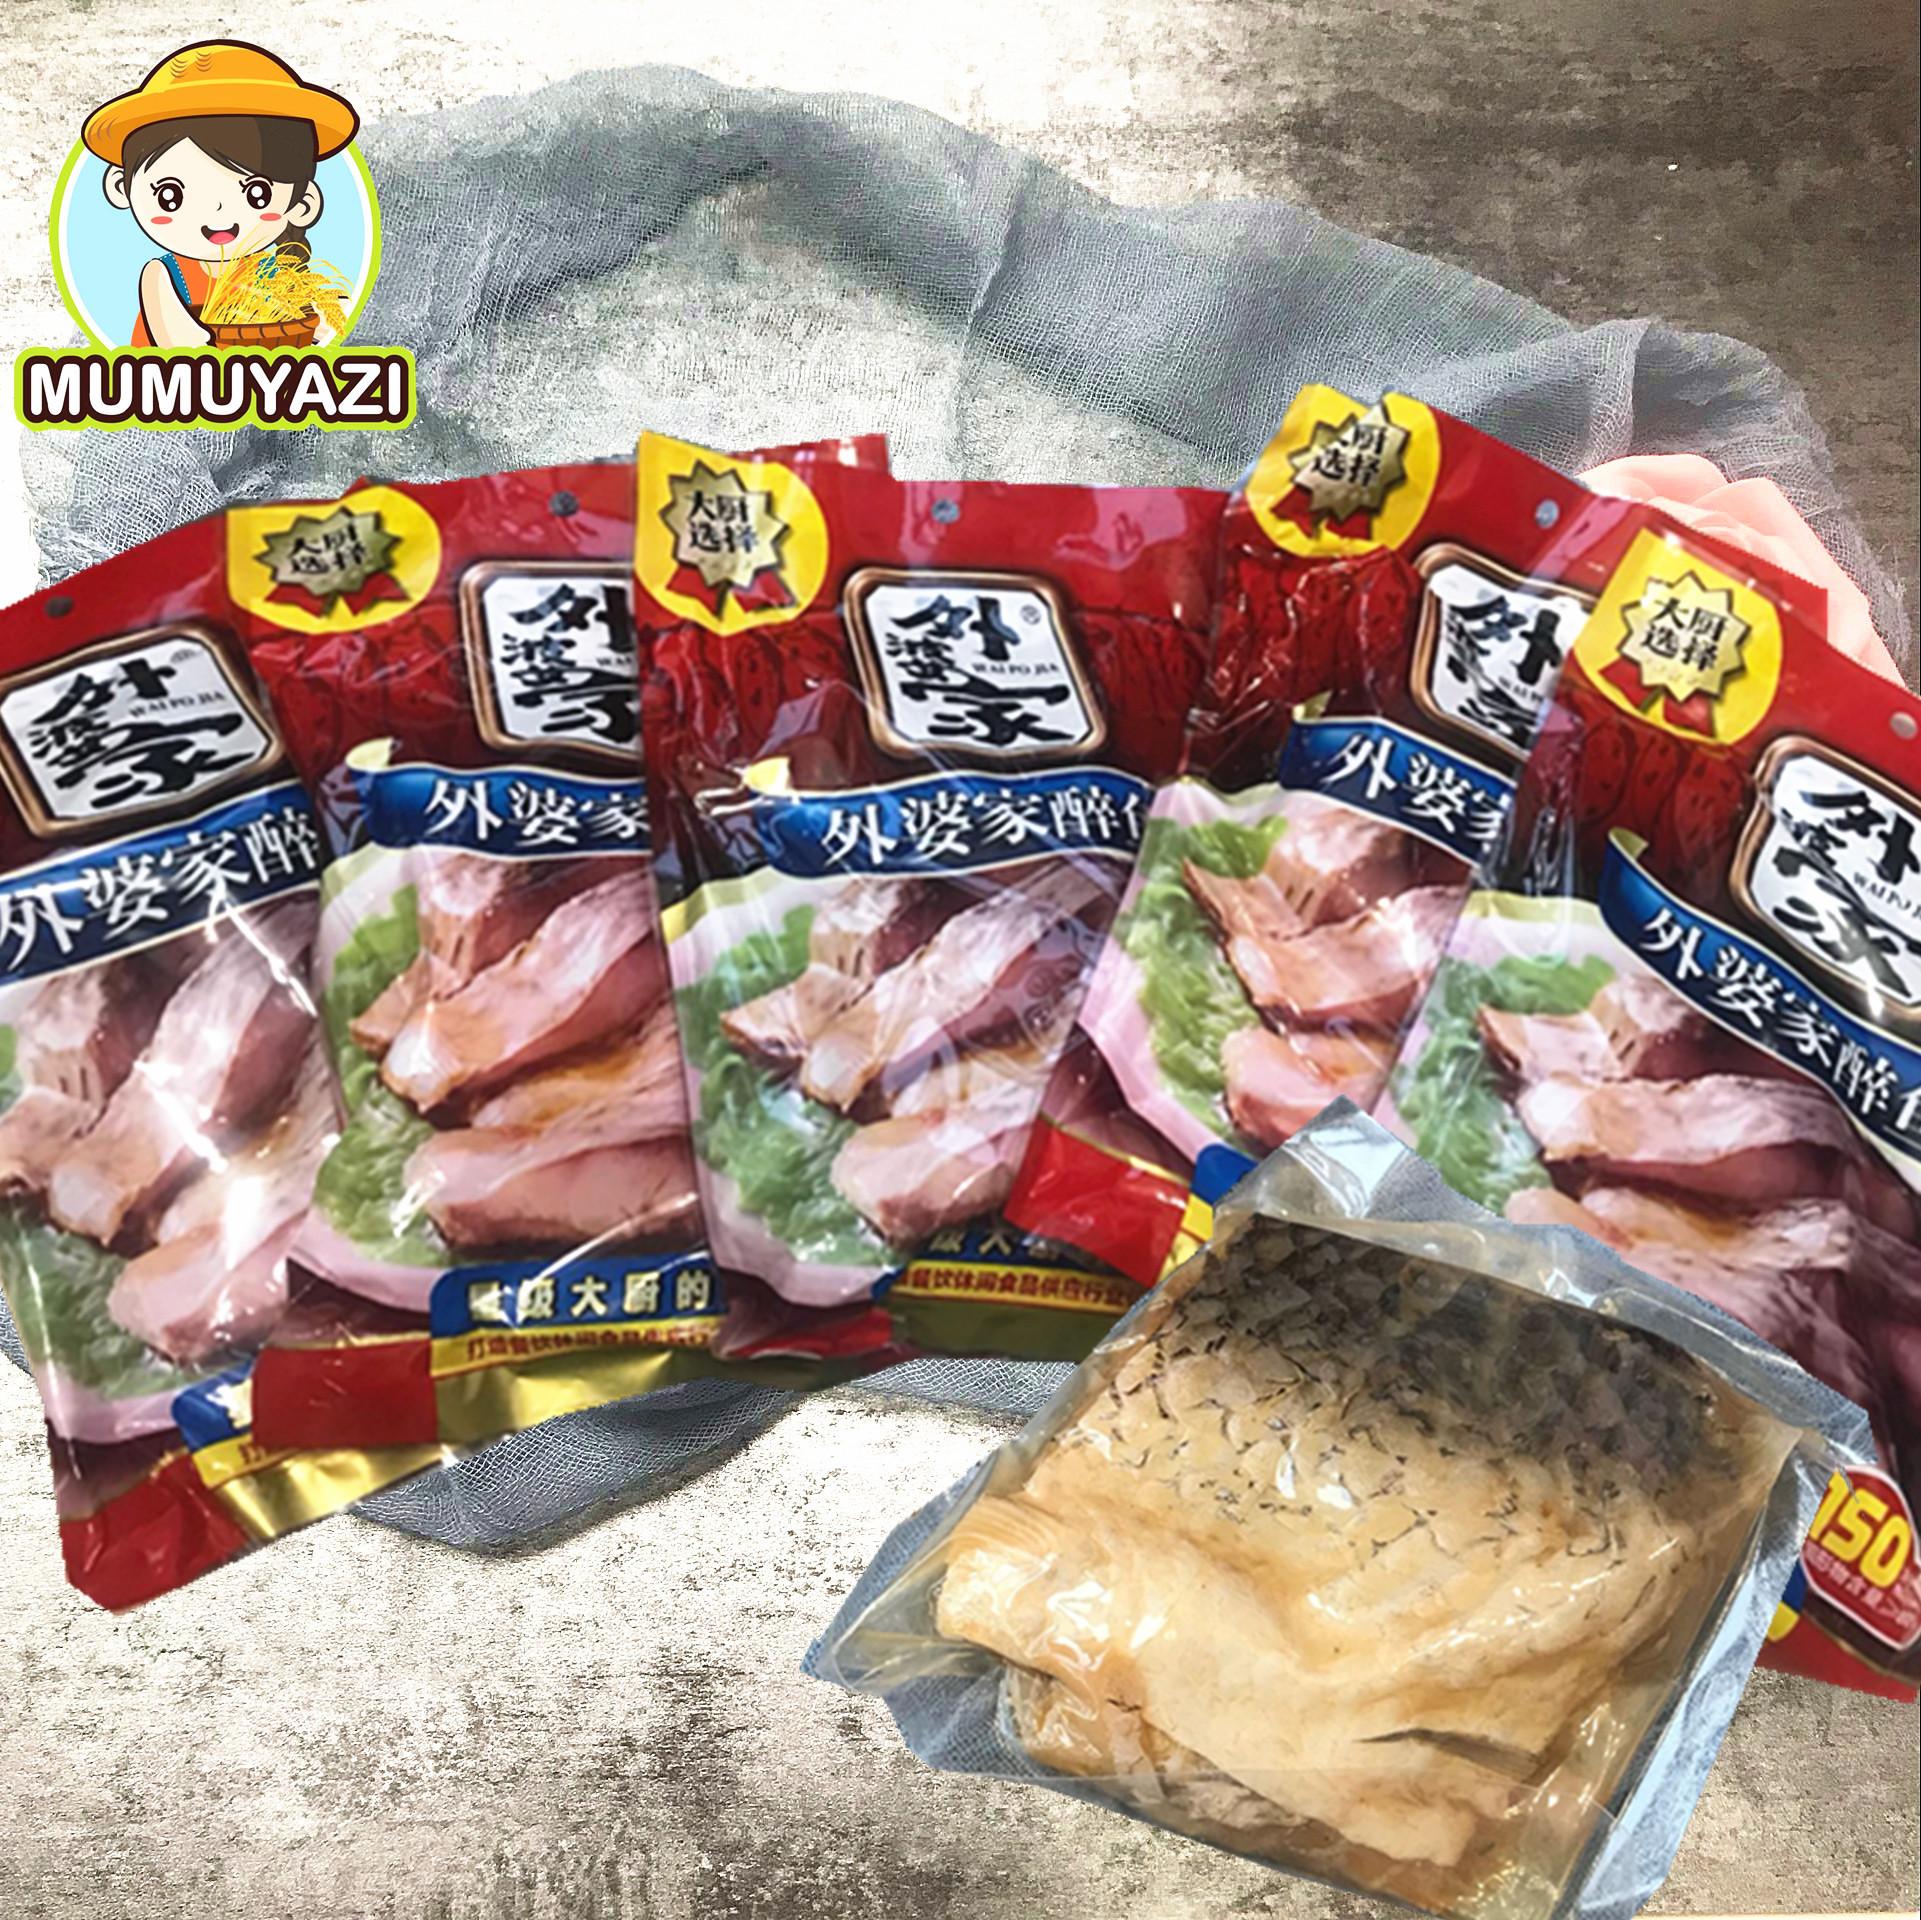 5包装 外婆家鱼 大醉鱼干150g*5包 绍兴特产 酒店冷盘菜 即食